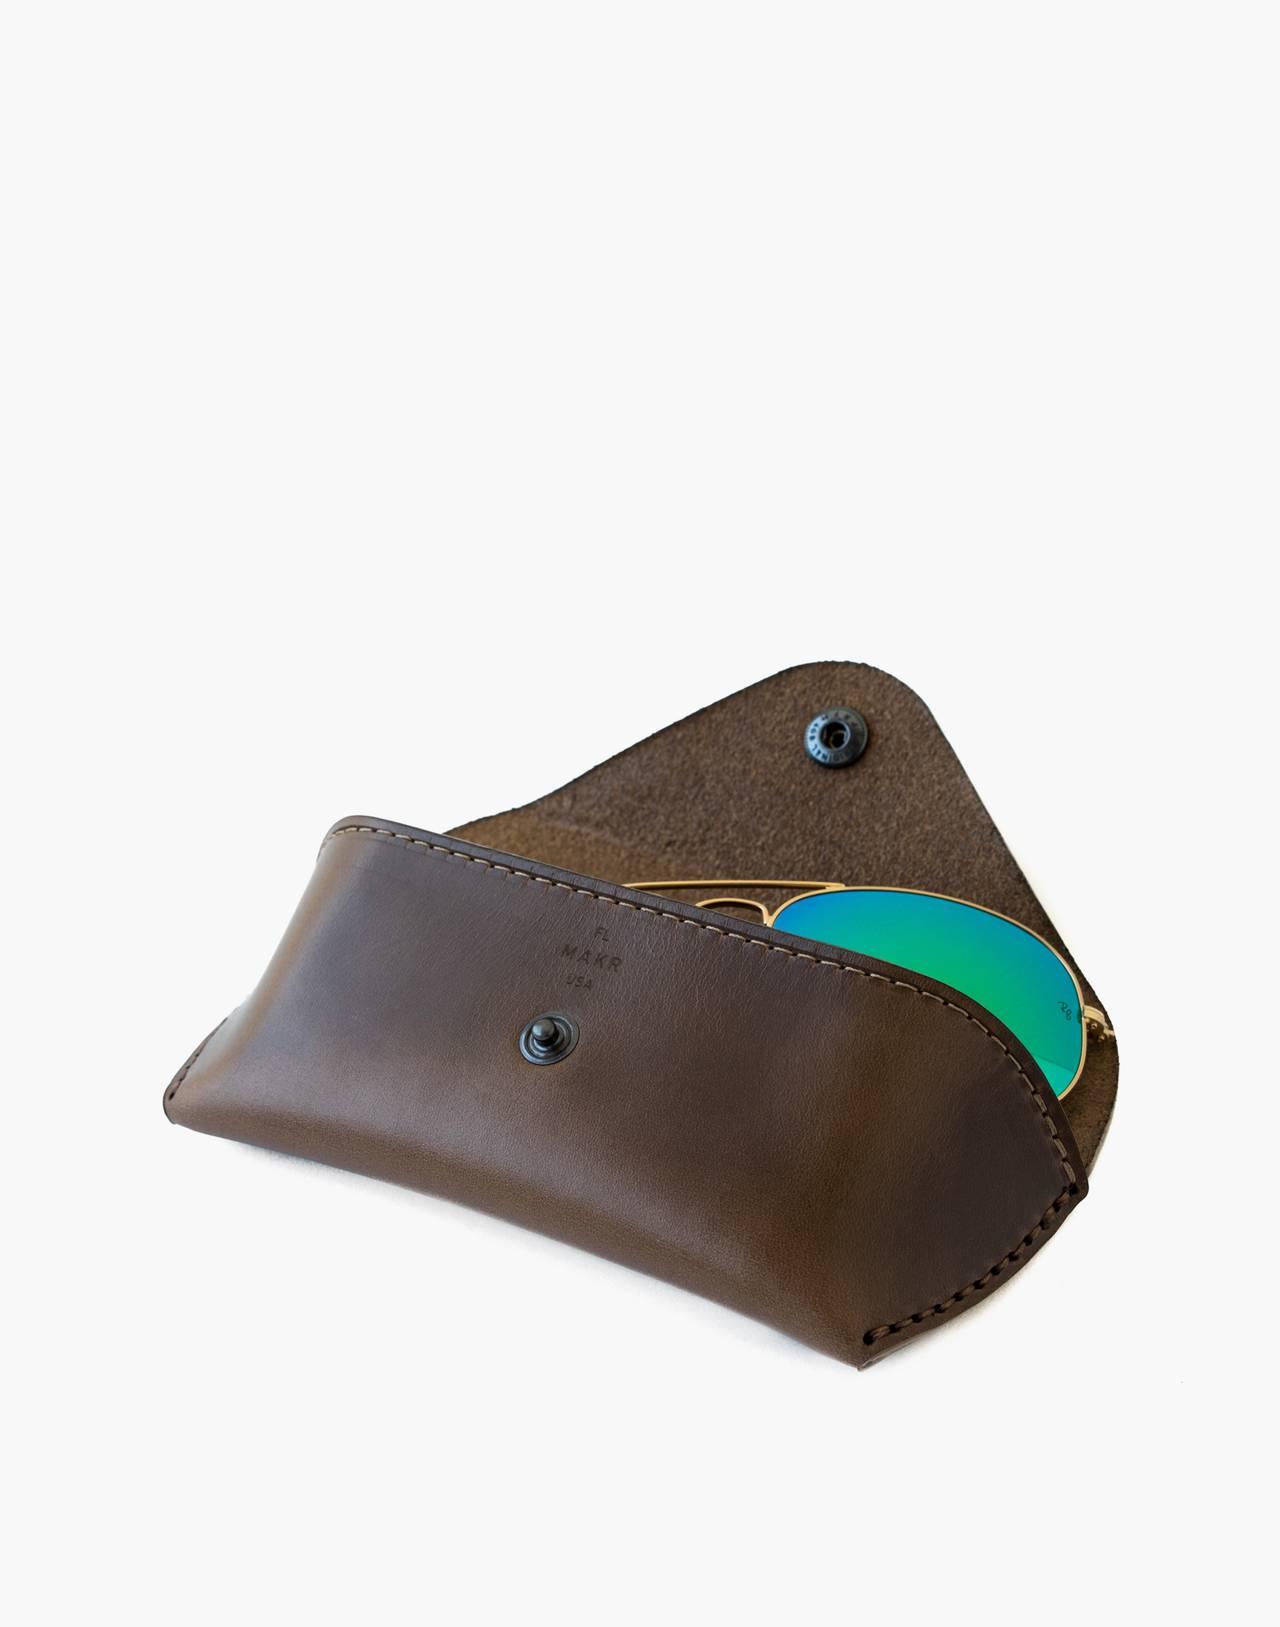 MAKR Leather Eyewear Sleeve in brown image 2